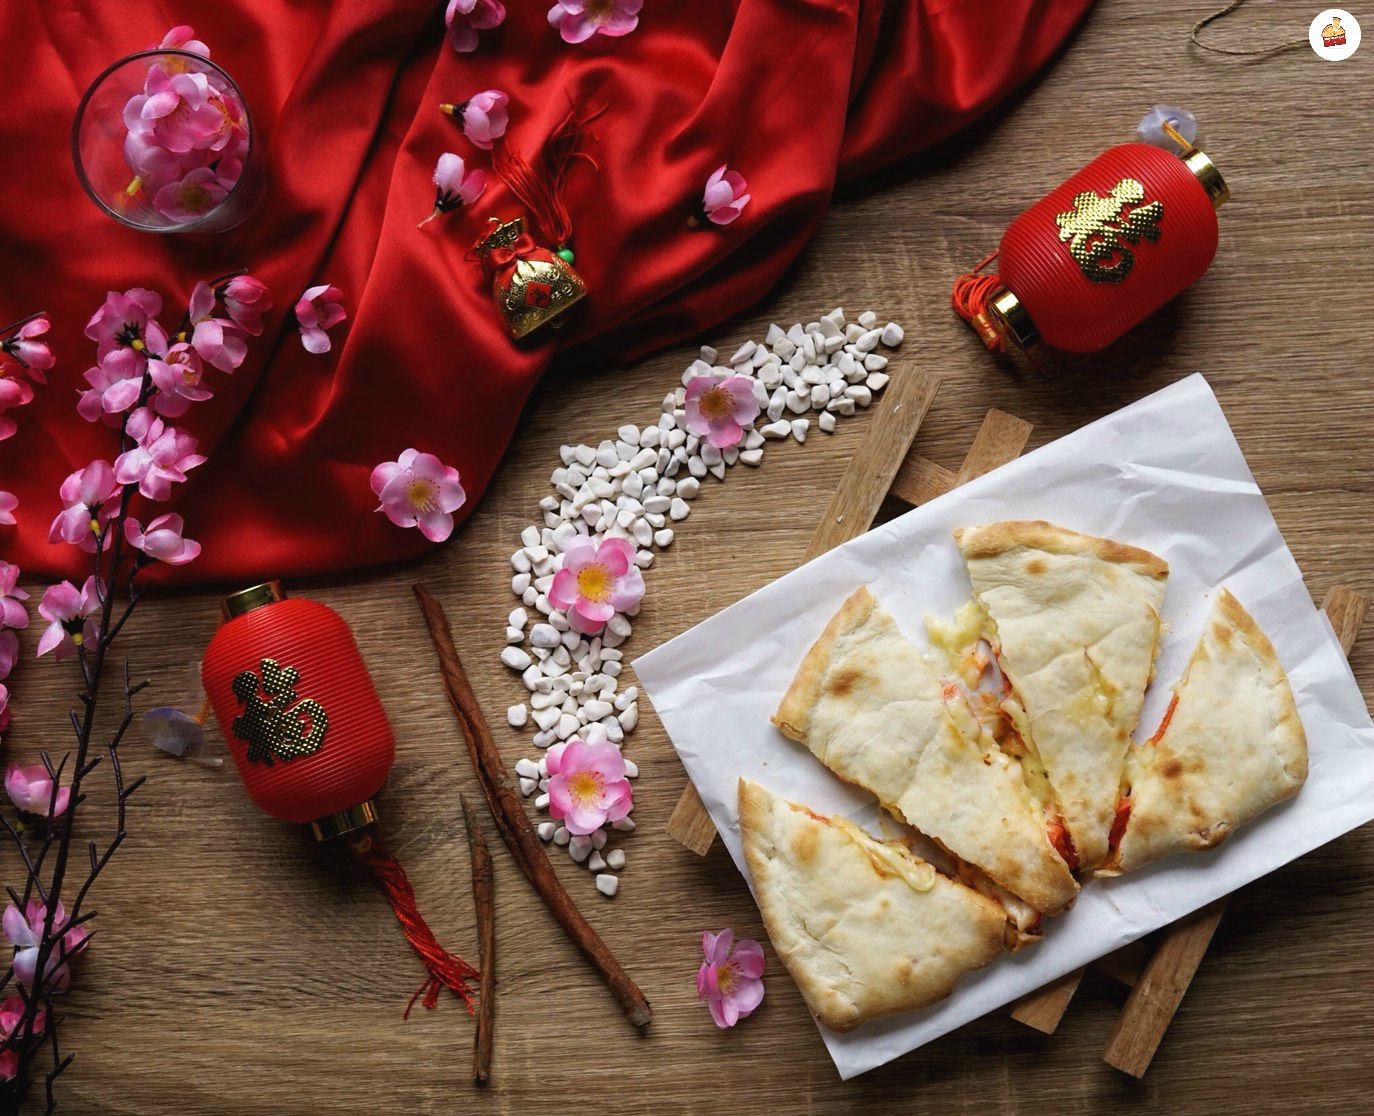 Libur Hari Imlek Inget Ke Panties Pizza Tahun Baru Imlek Rayakan Kebersamaanmu di Panties Pizza